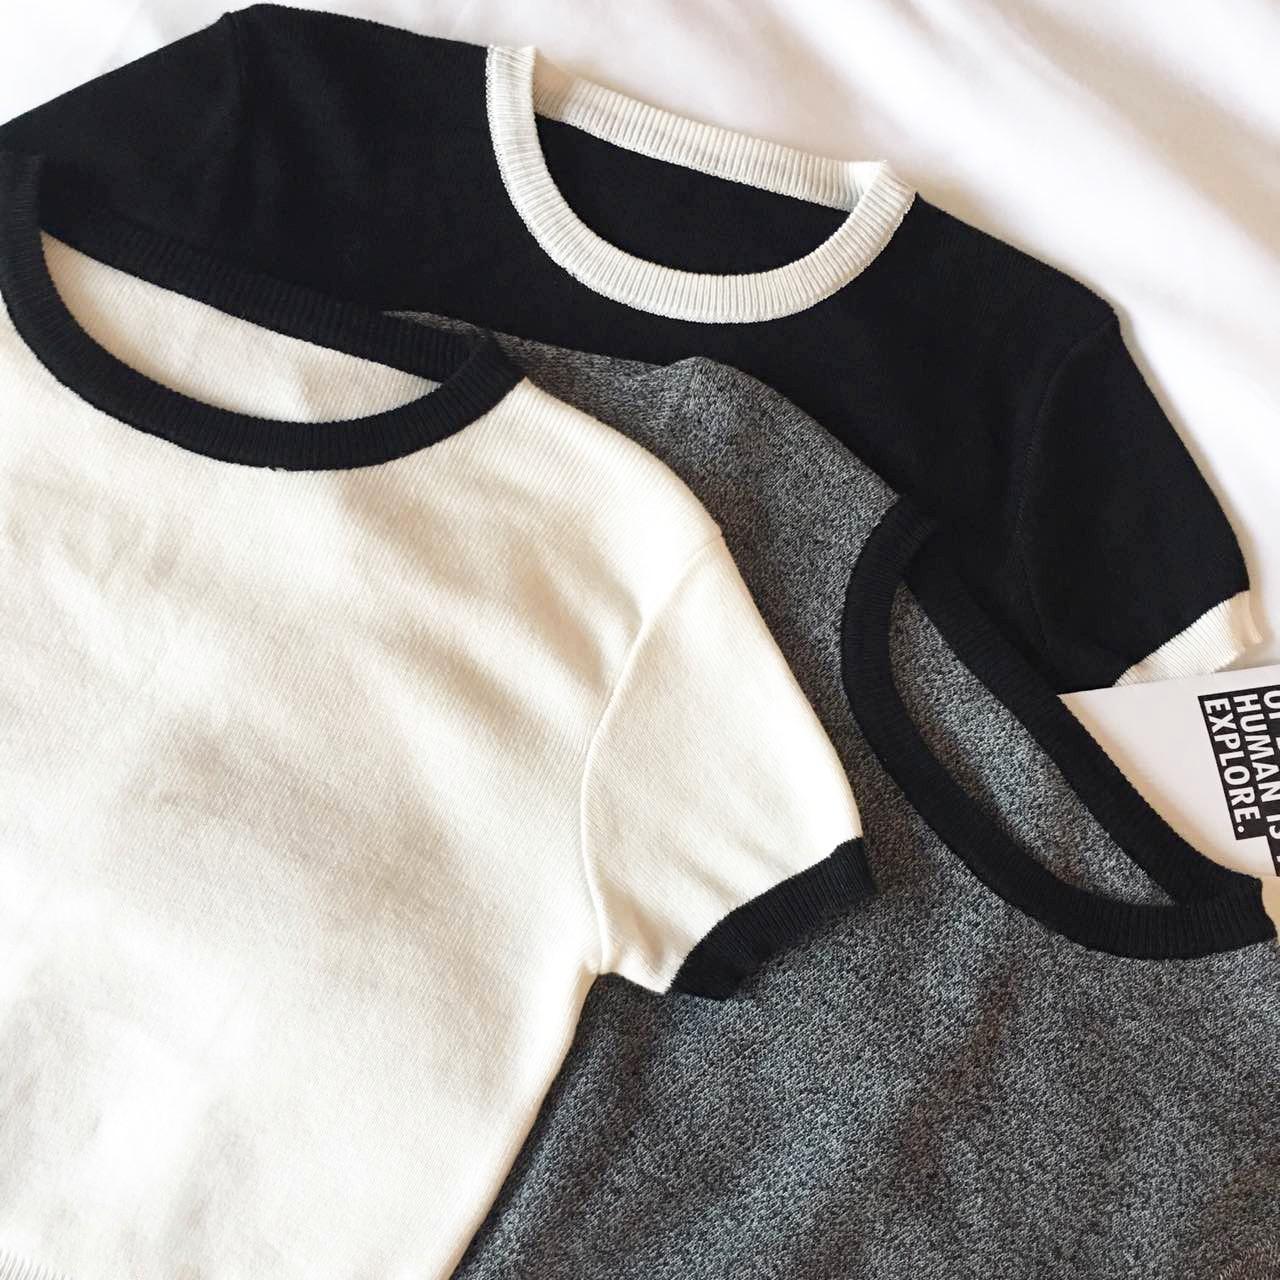 韩国紧身修身短款长袖T恤女夏秋款露腰短装露肚脐上衣 性感露脐装